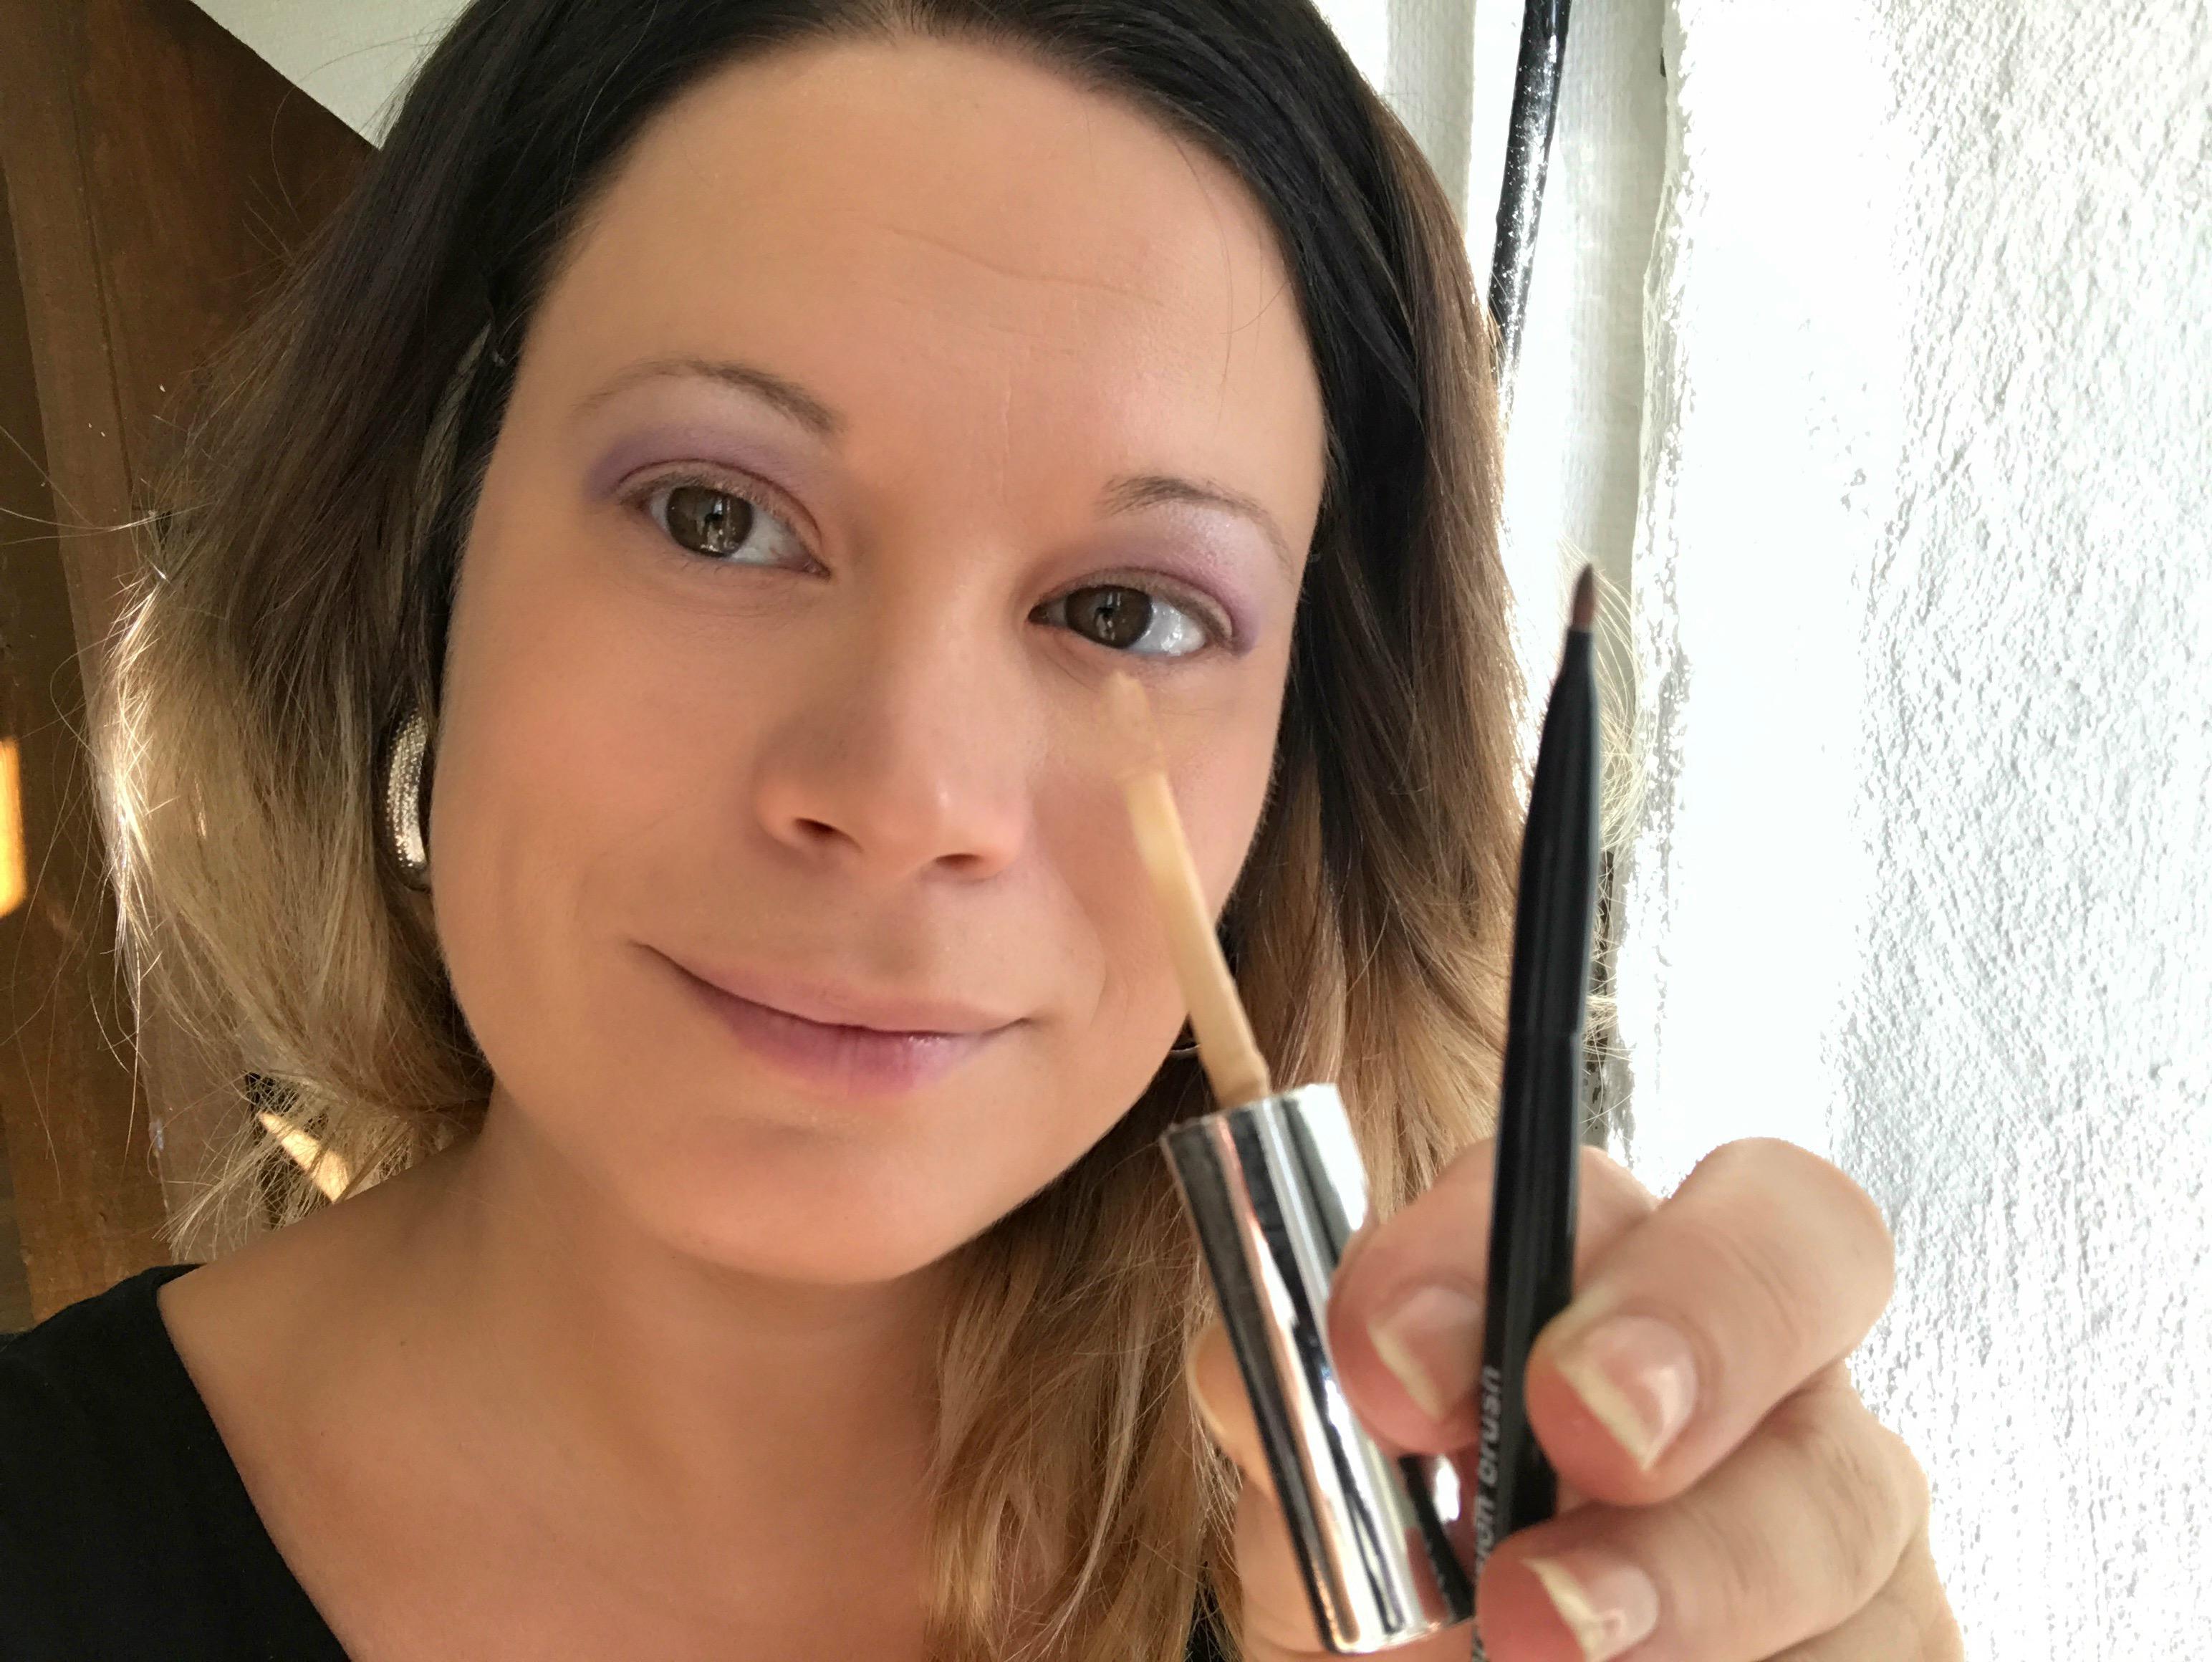 lila-sminkning-med-nude-läppar-17